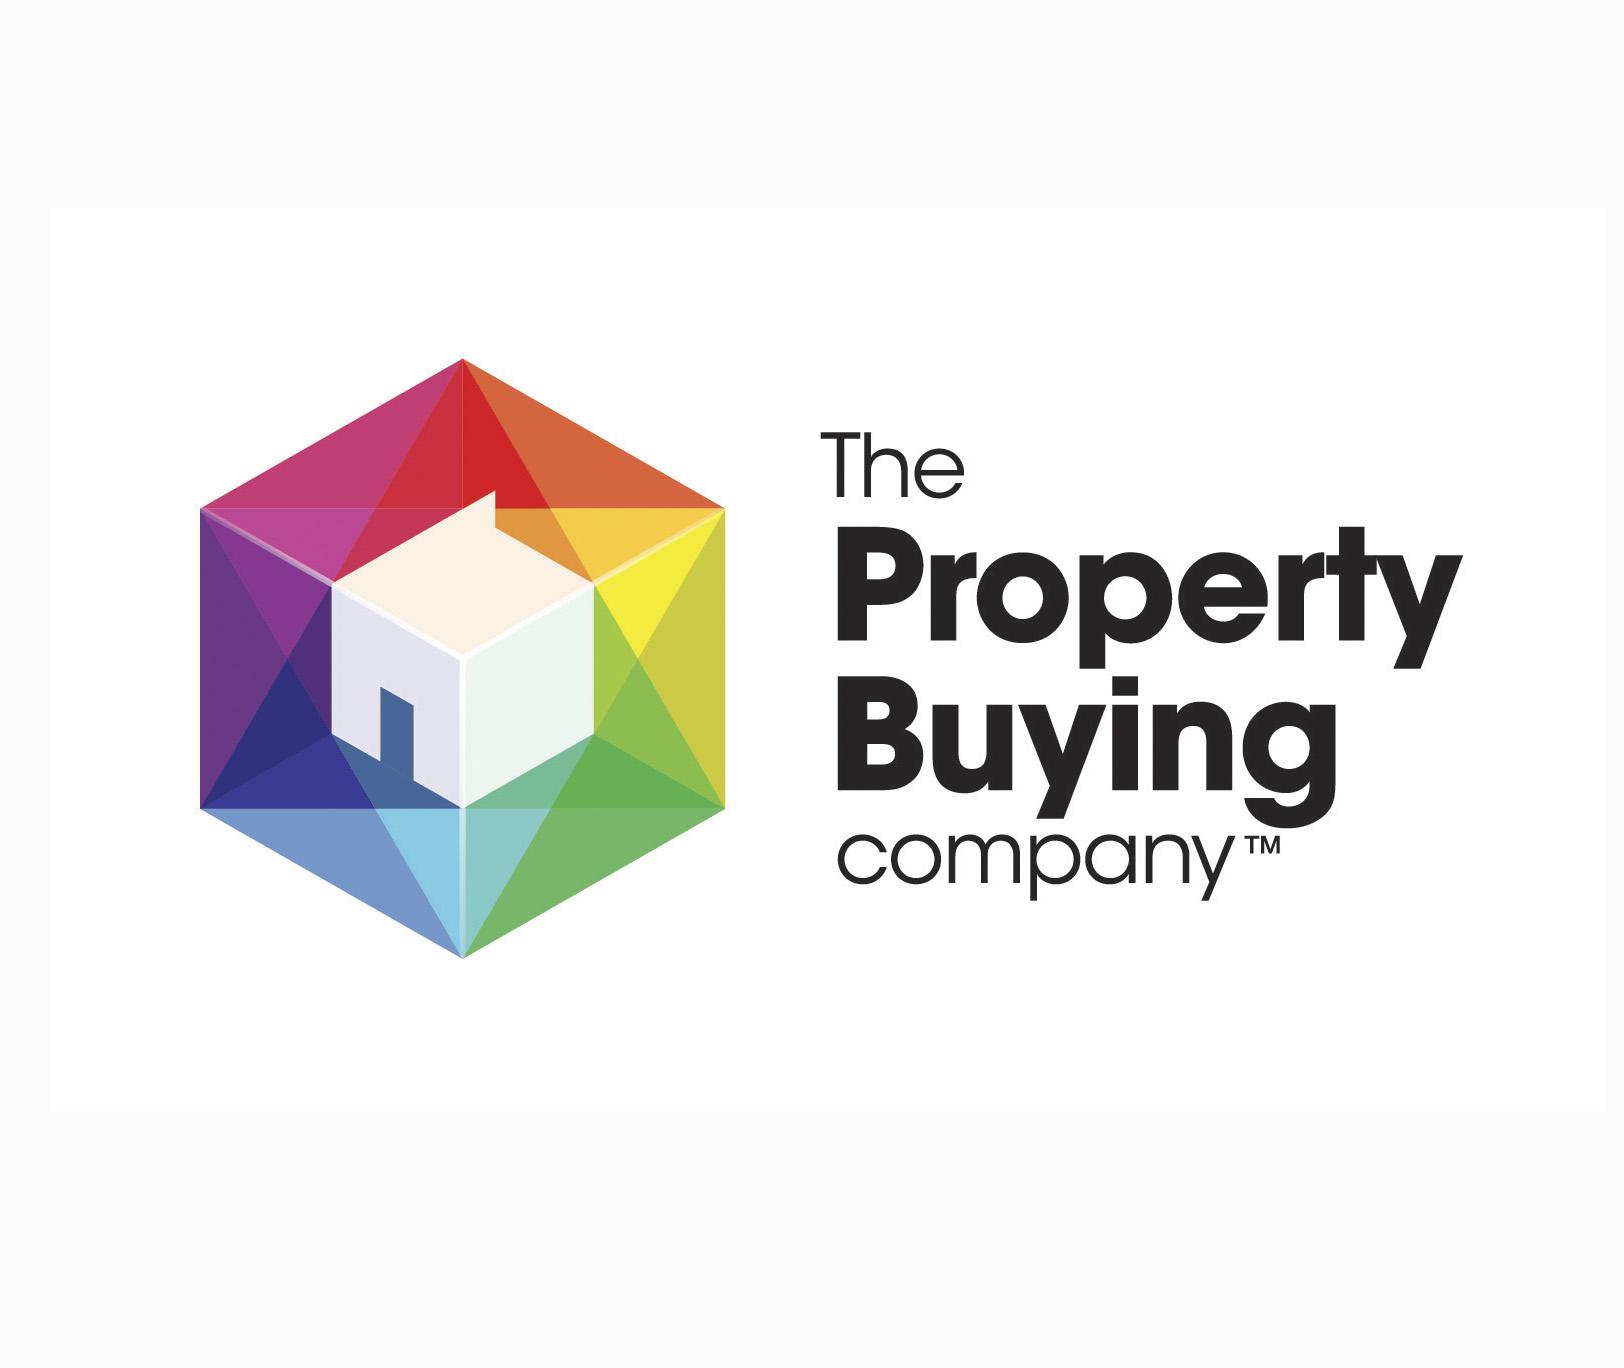 propertybuyingcompany.jpg